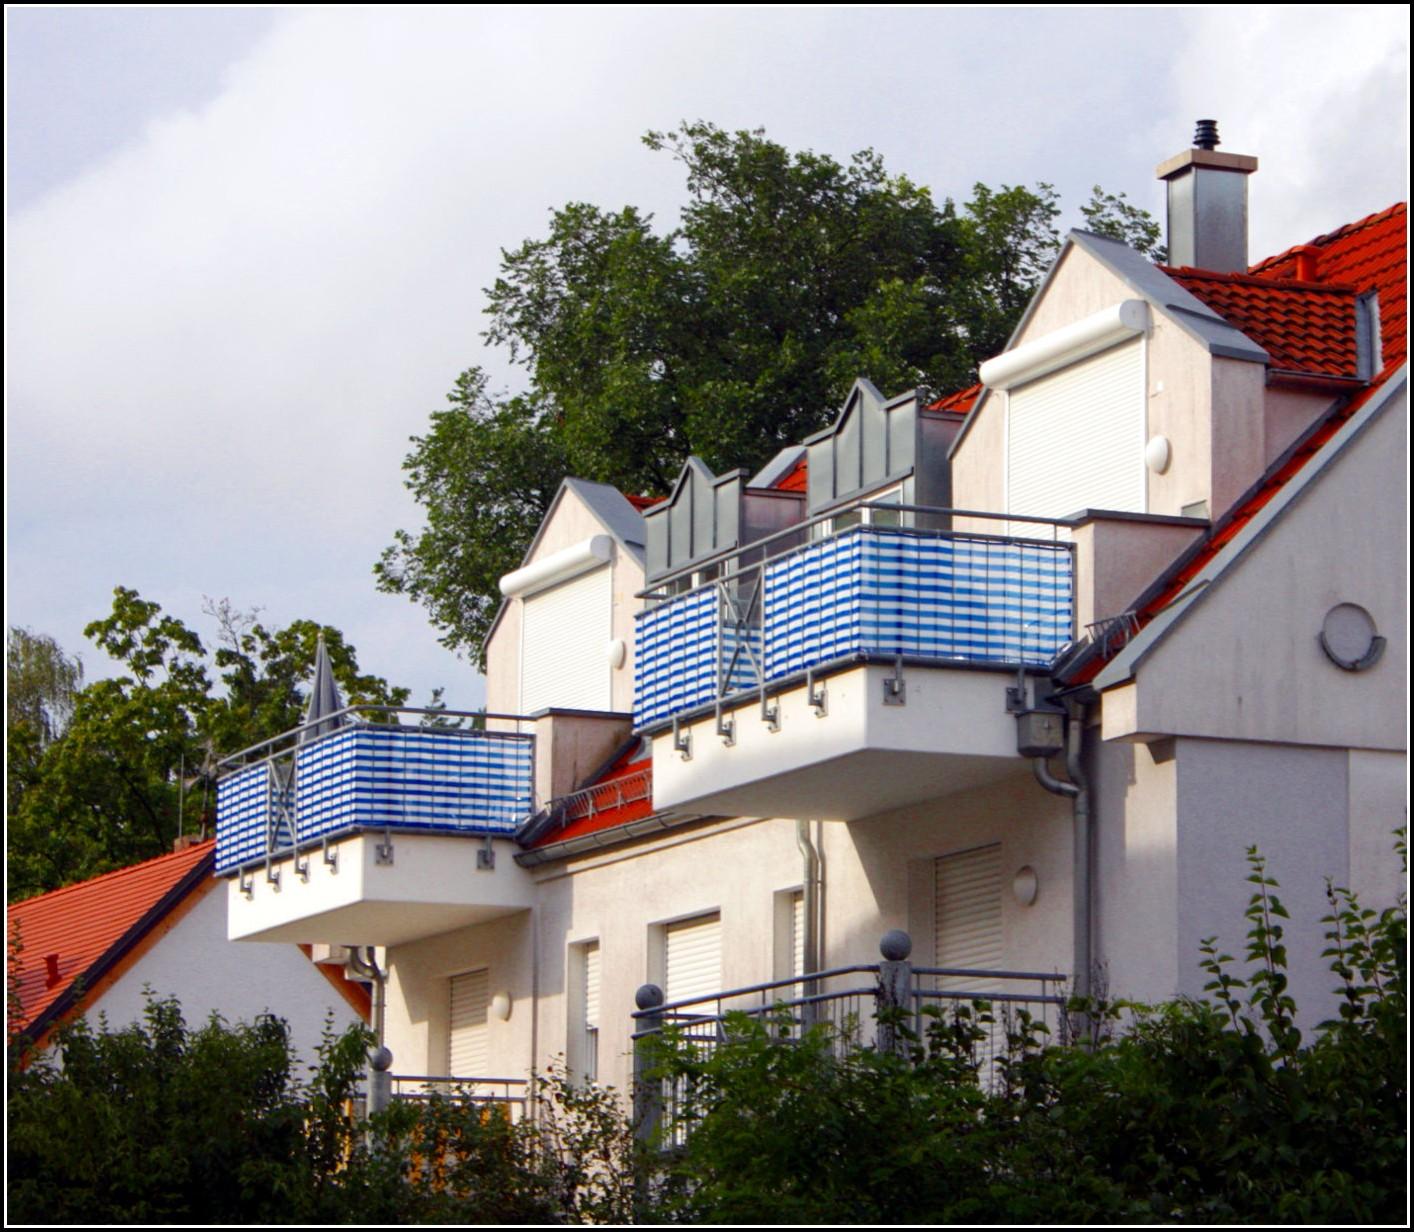 Full Size of Balkon Sichtschutz Bambus Ikea Miniküche Küche Kosten Sichtschutzfolie Fenster Einseitig Durchsichtig Für Bett Garten Im Betten 160x200 Wpc Wohnzimmer Balkon Sichtschutz Bambus Ikea